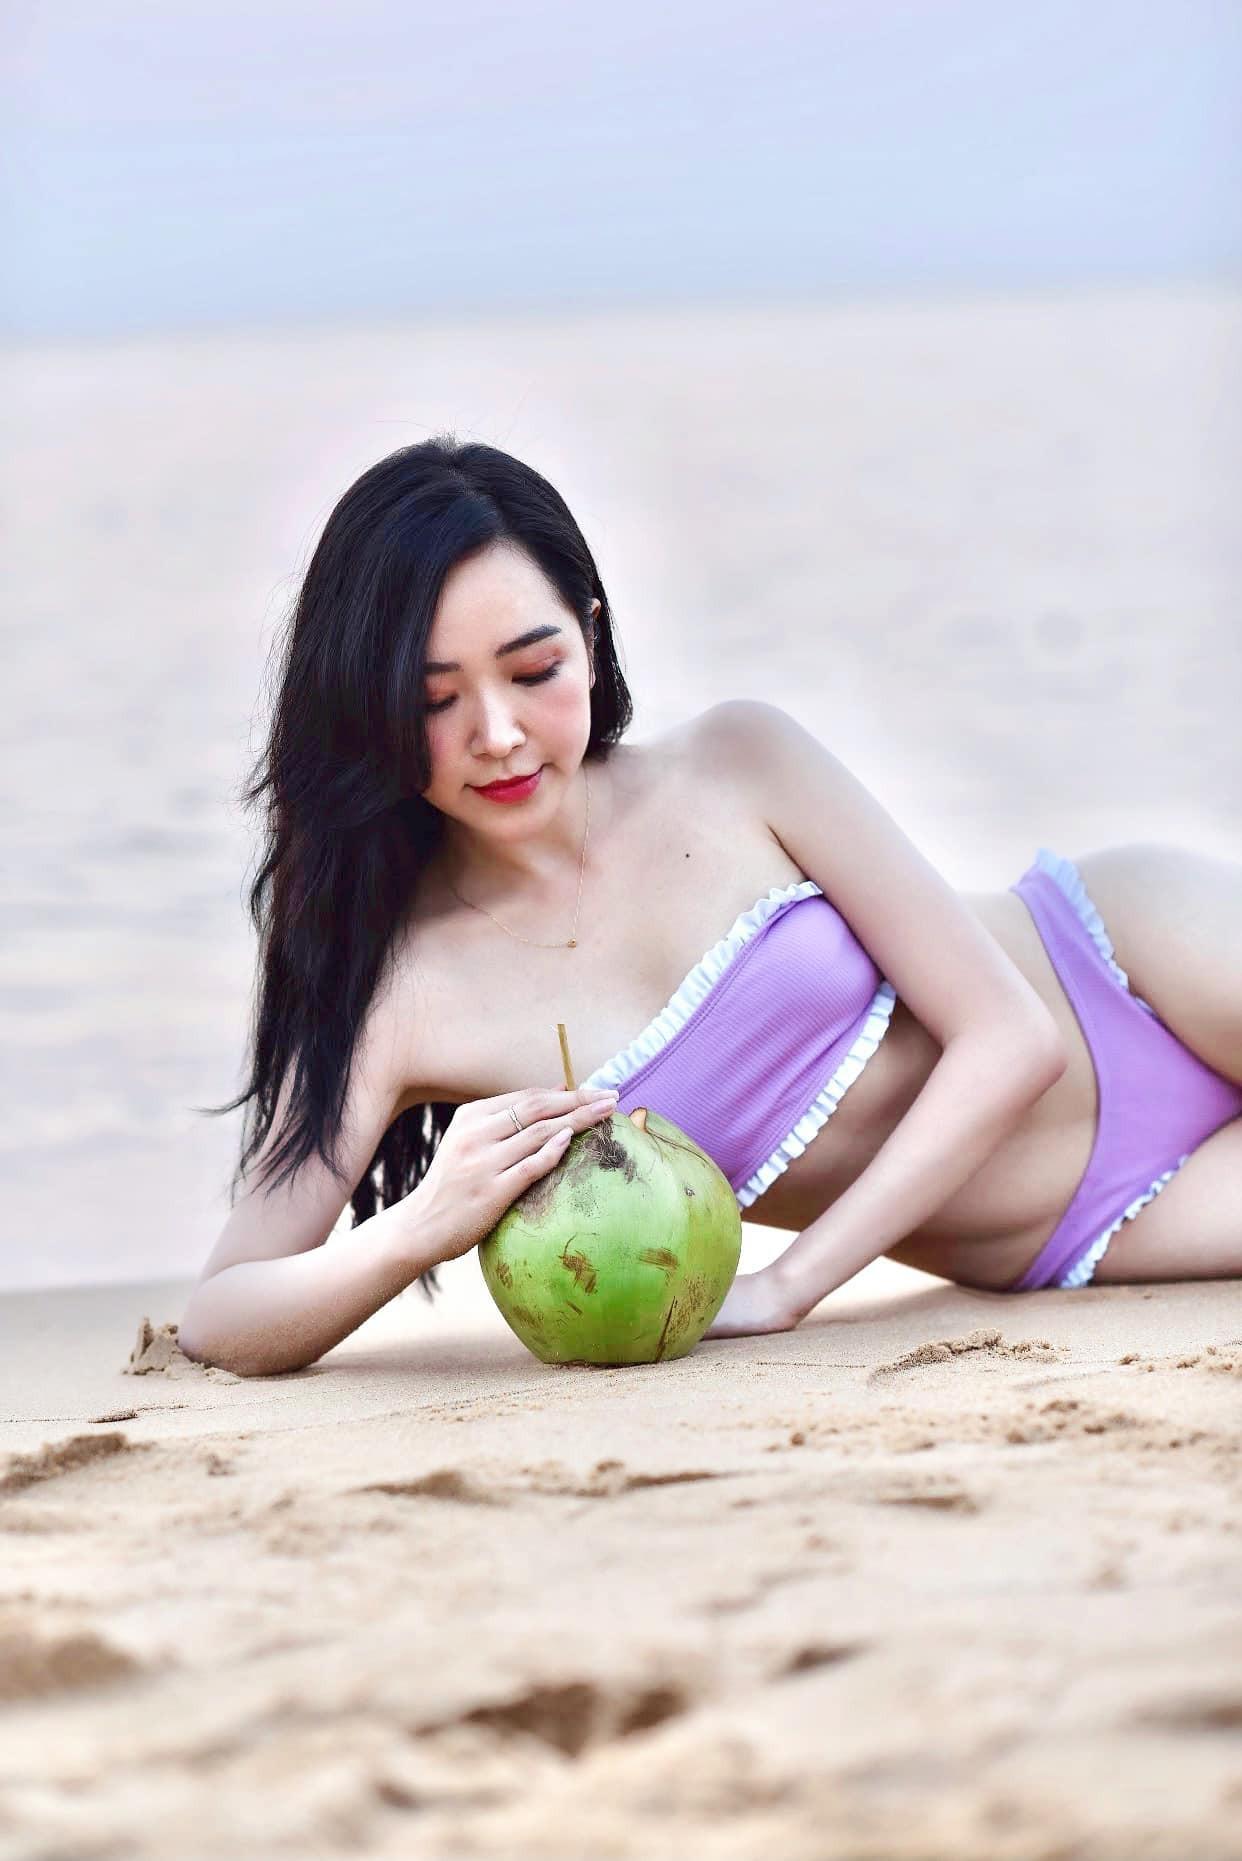 Ảnh bikini 'nóng rực' của nữ diễn viên 'Những cô gái trong thành phố' ảnh 2